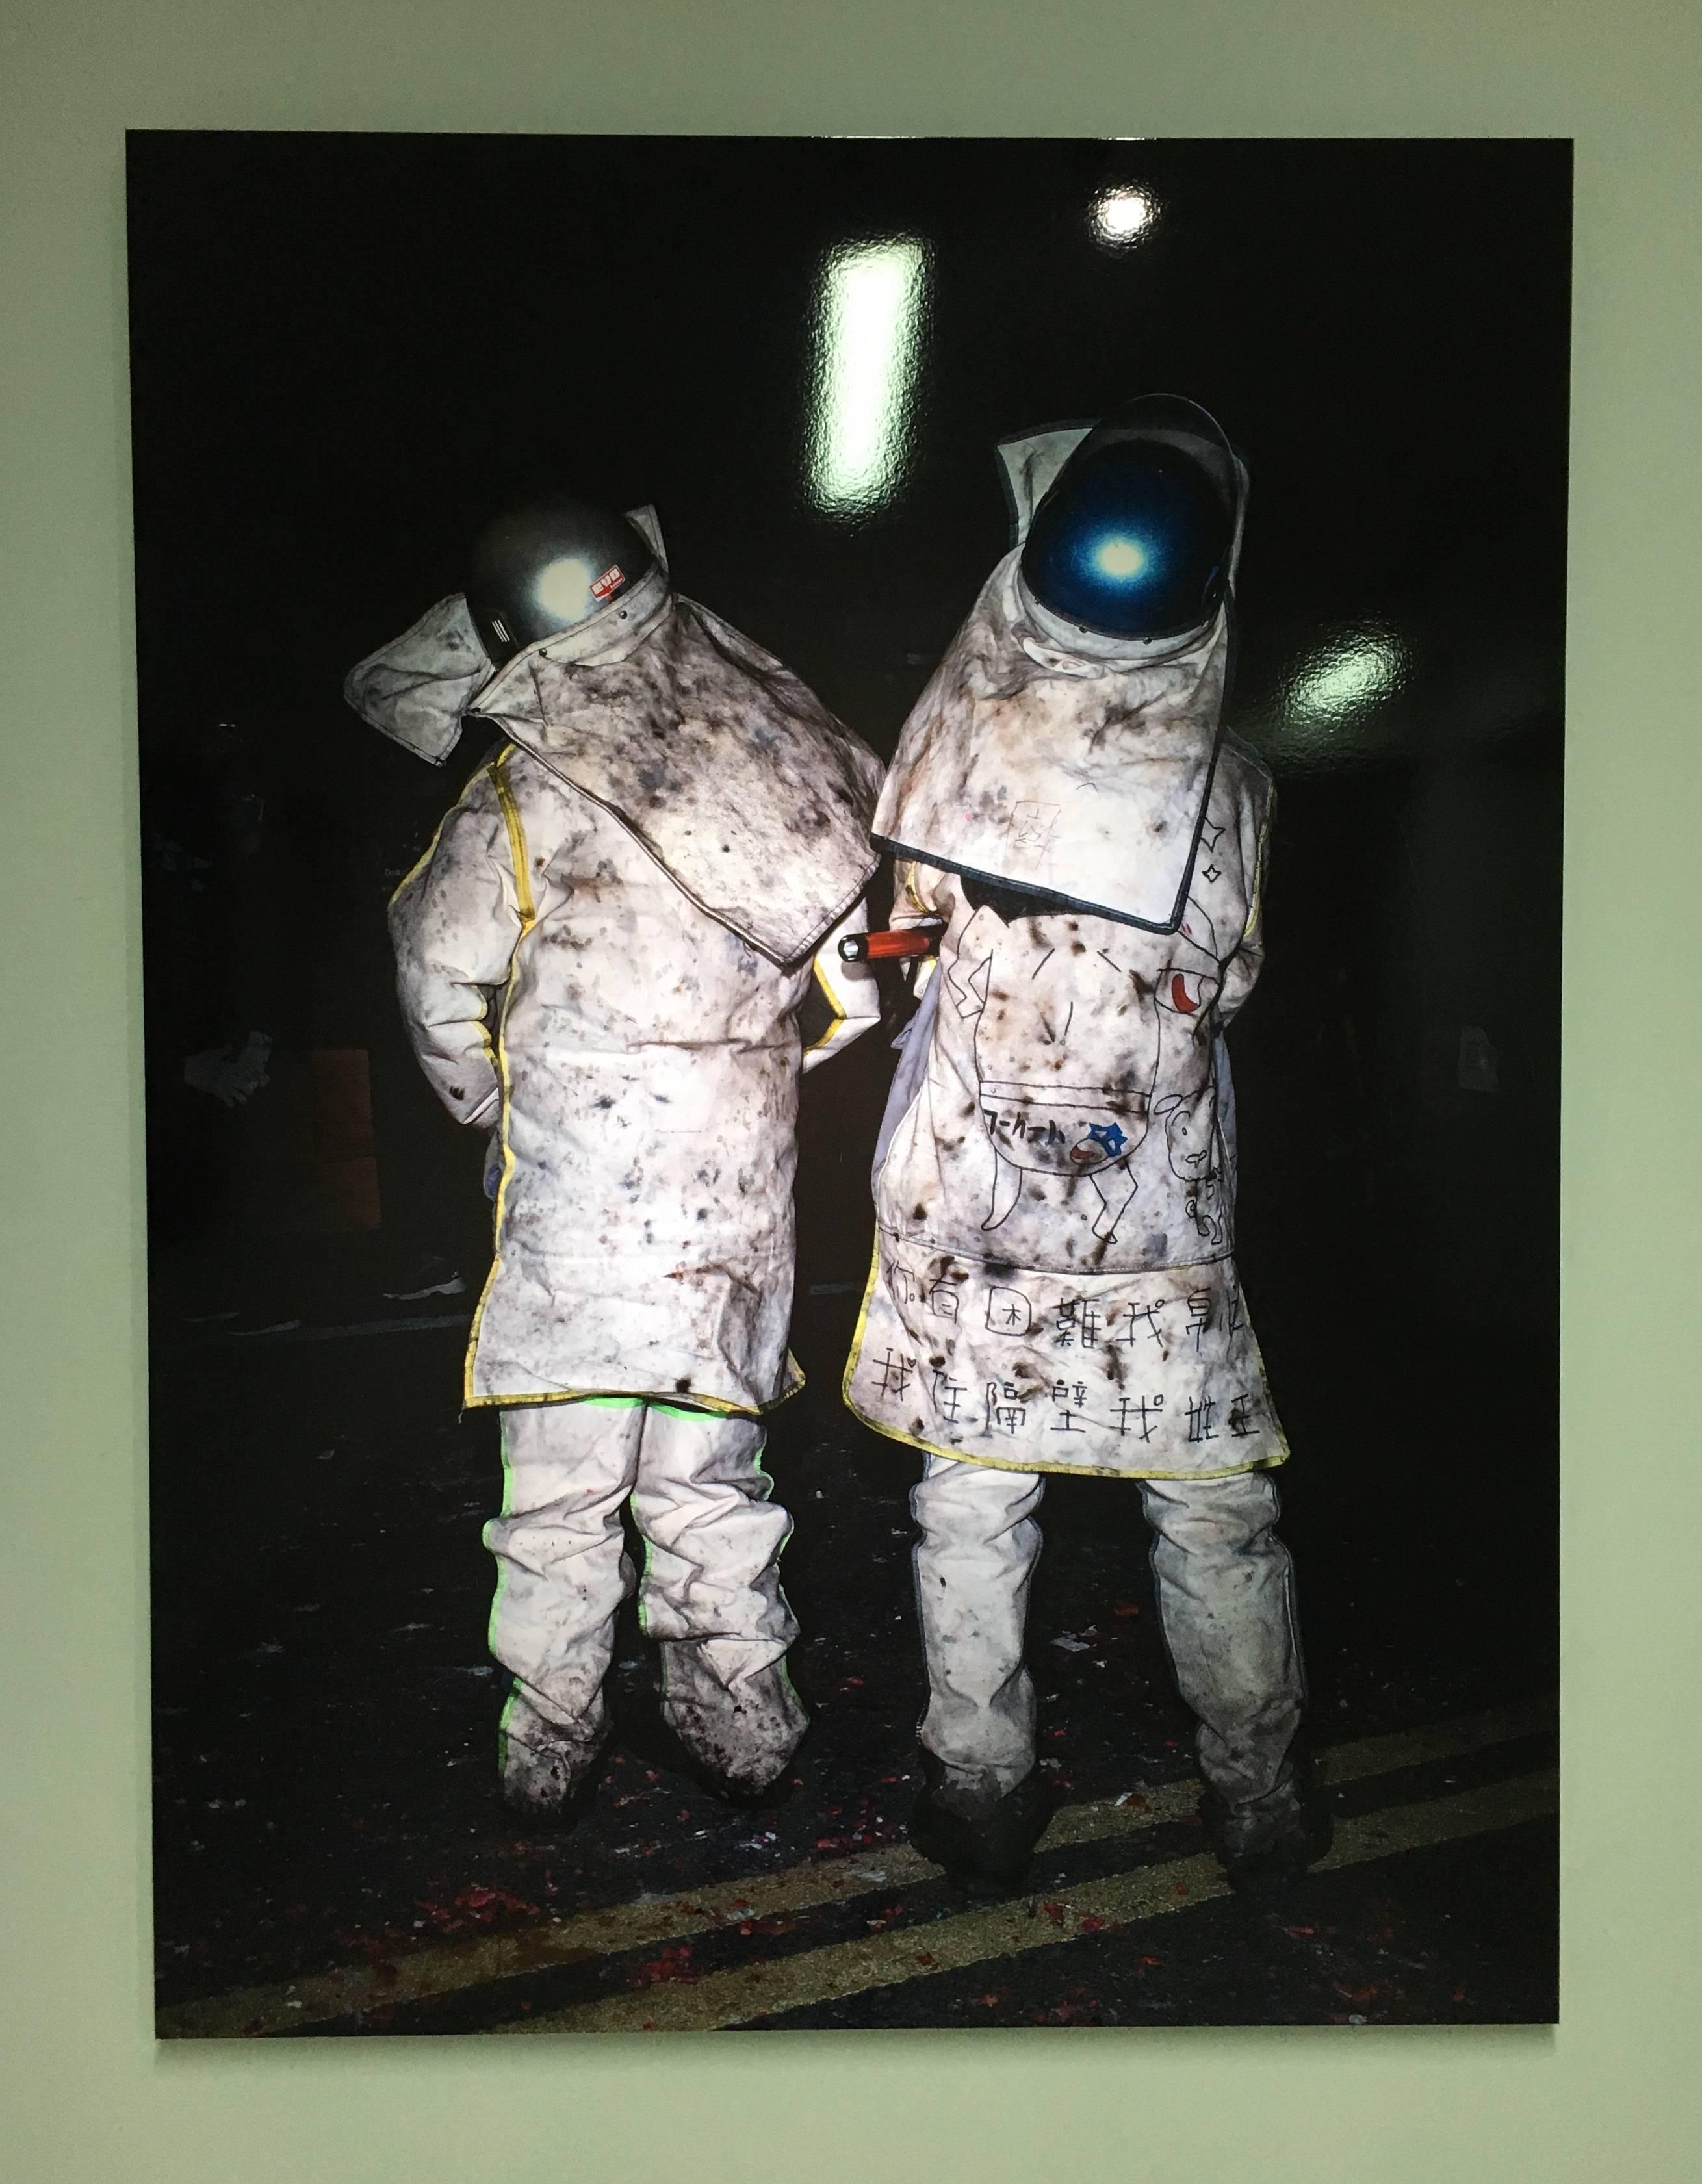 陳伯義,《食砲人 - XVII》,75 x 100 cm,雷射輸出彩色銀鹽相紙,1/8,2019。